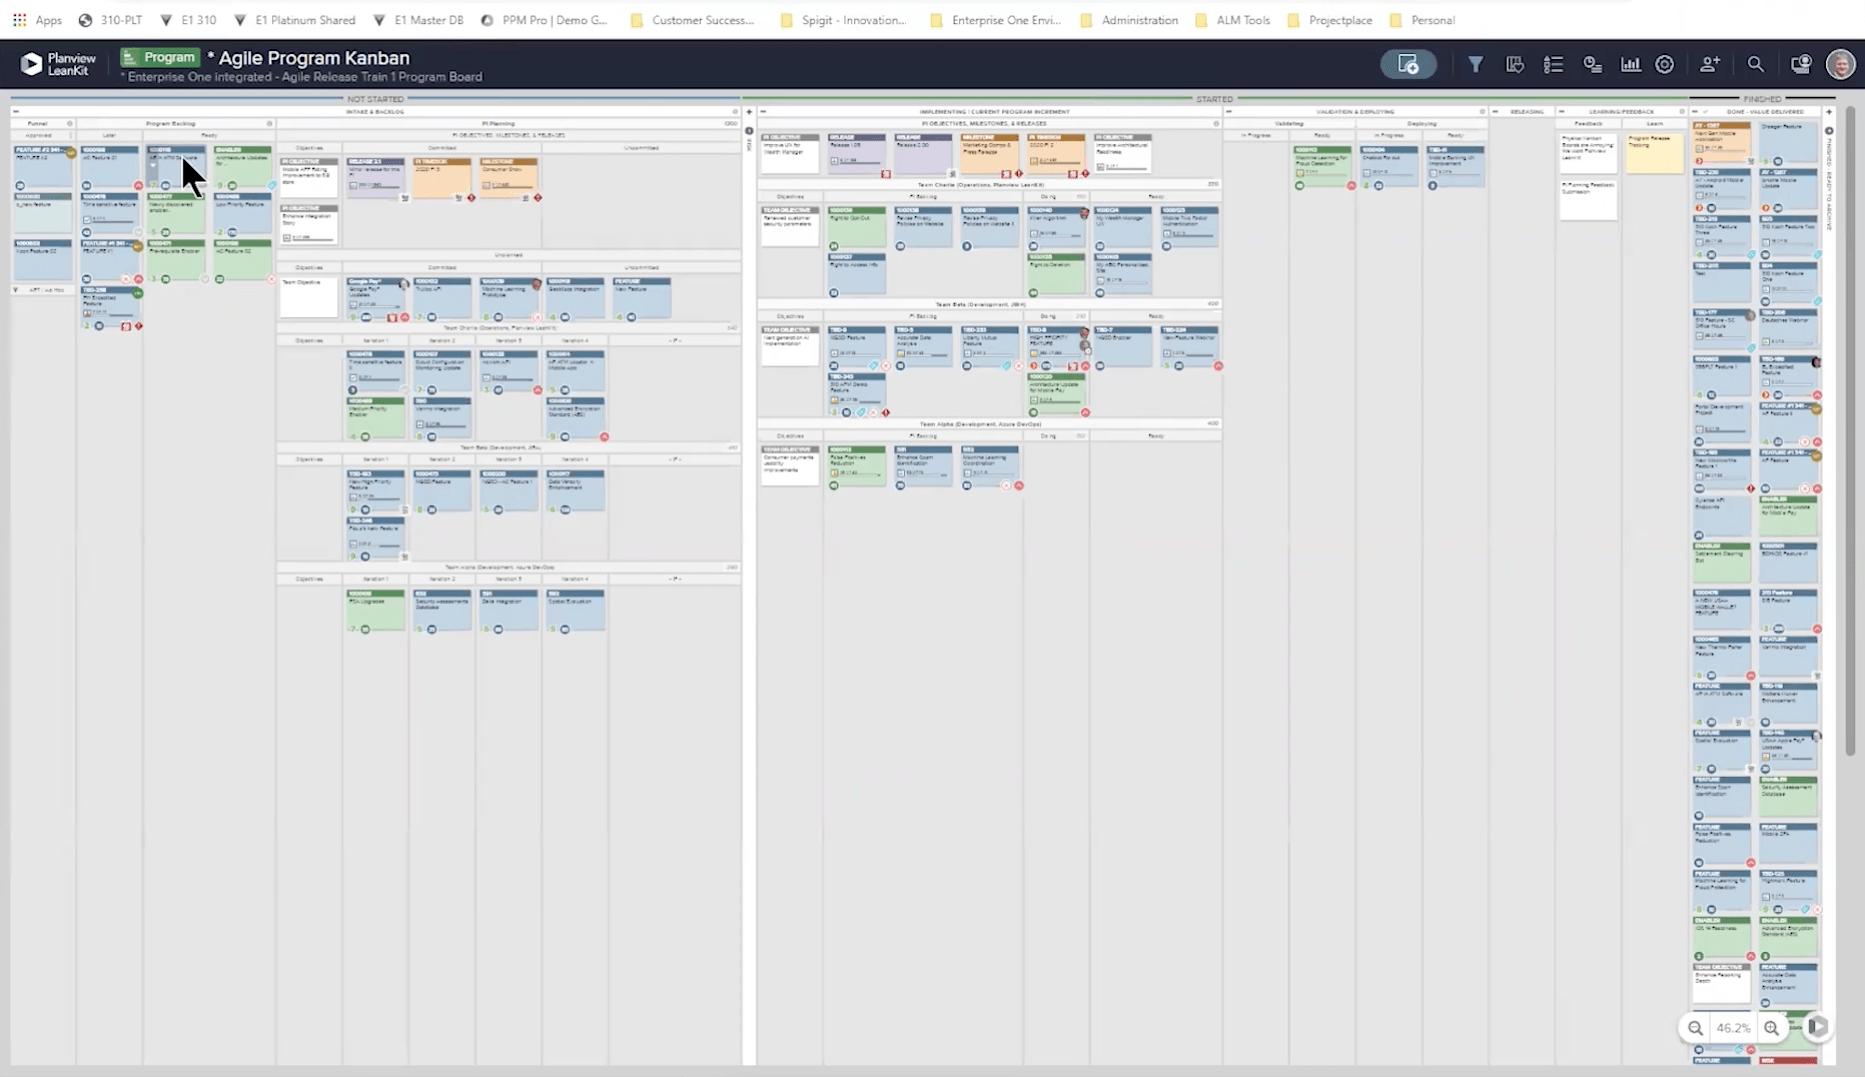 Agile Program Kanban Screen to Display Workflow